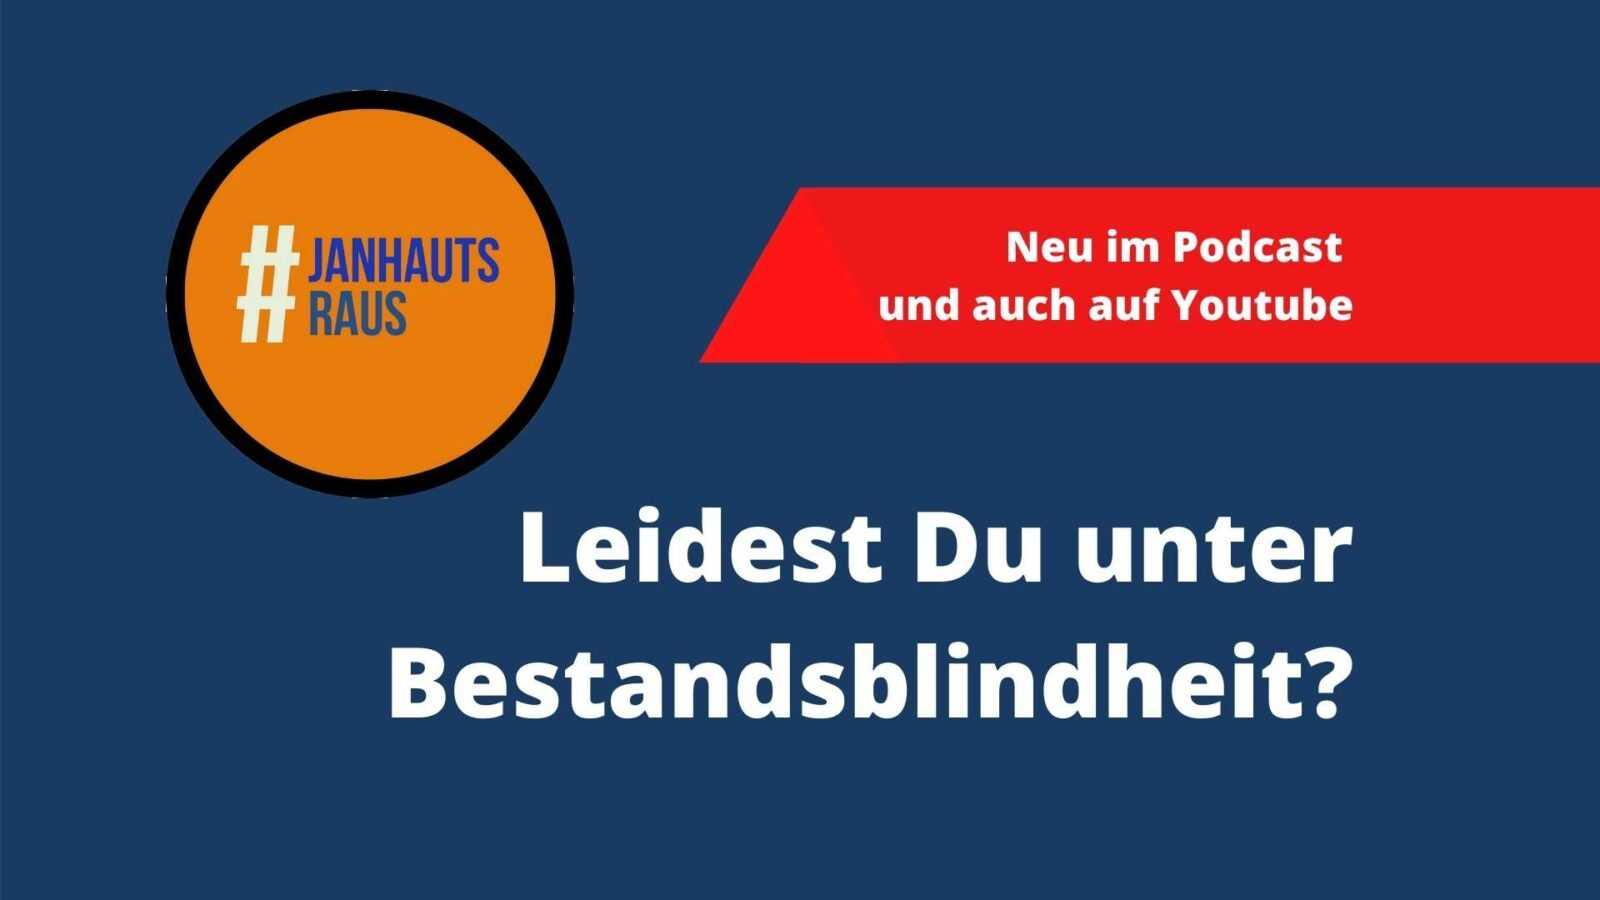 #janhautsraus - Leidest Du unter Bestandsblindheit?